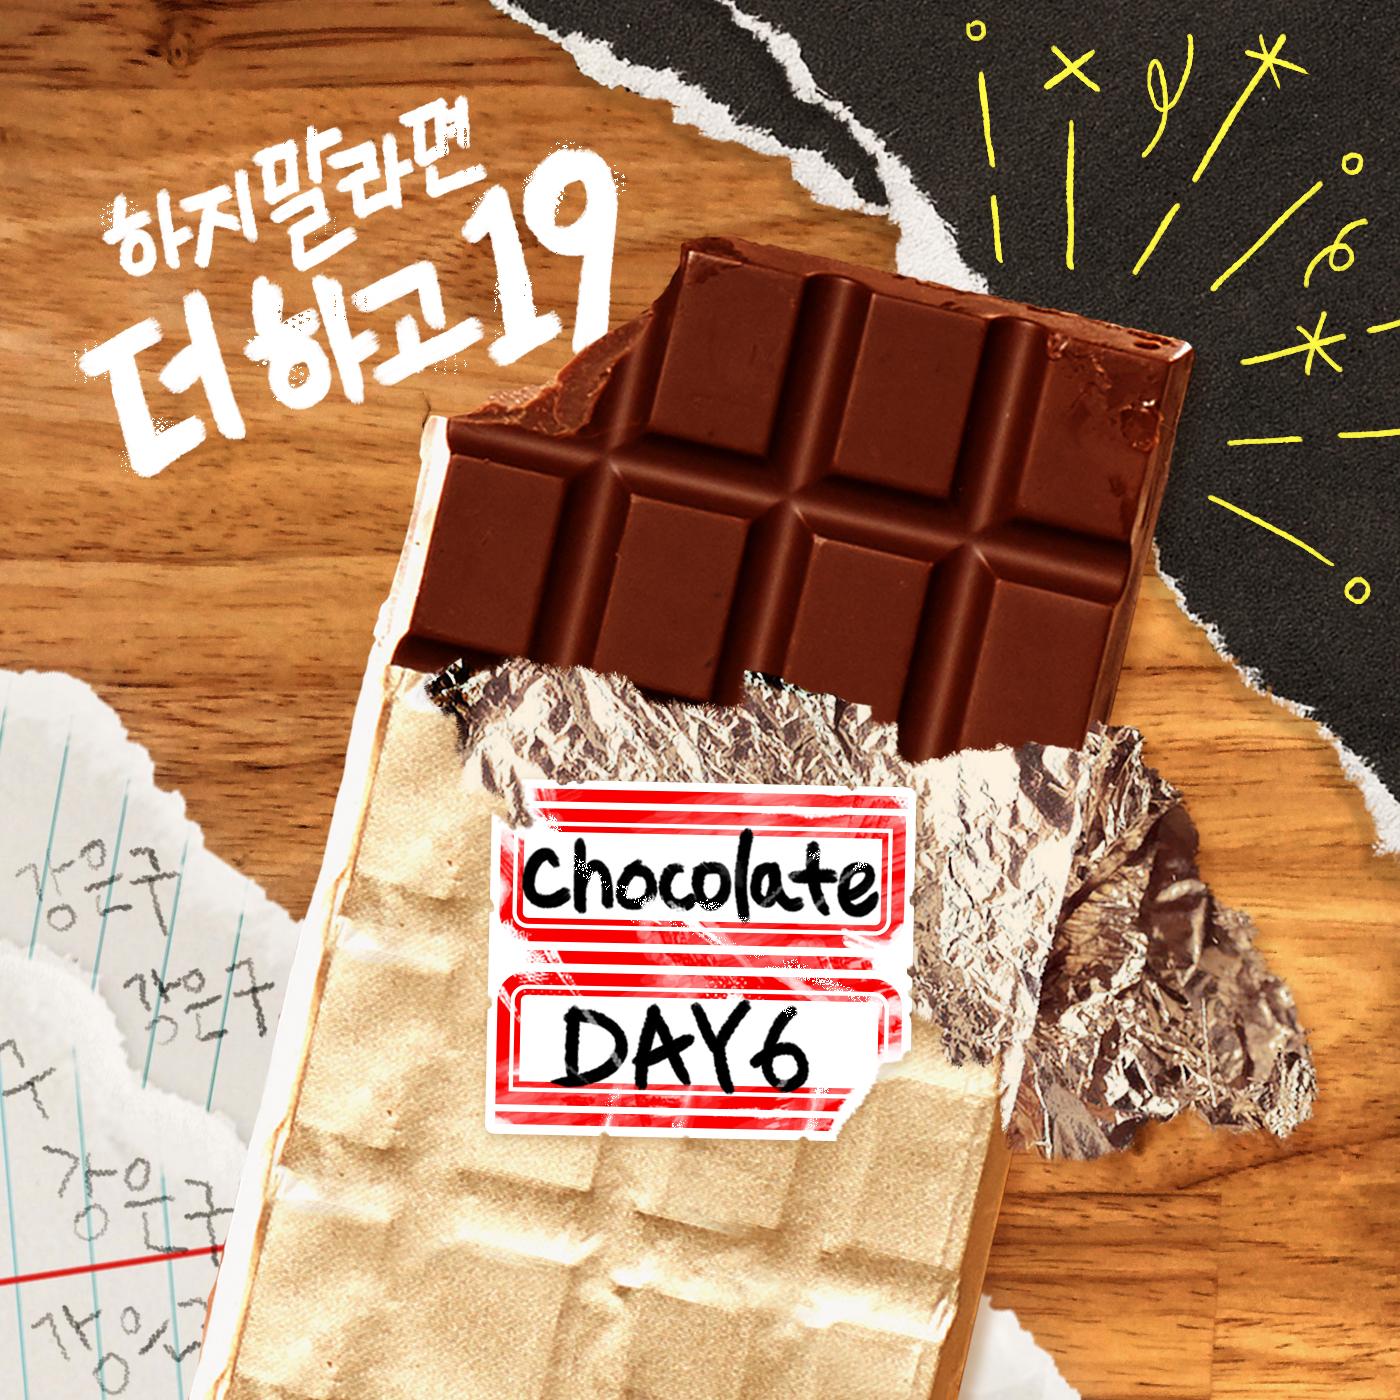 """데이식스 - Chocolate - 클라이언트: 플레이리스트가수: 데이식스(DAY6)작곡: Jae,원필, MAJORCODE,문상선작사: J.Y. Park """"The Asiansoul"""", Jae,원필편곡: MAJORCODE,문상선기획: 스페이스오디티"""